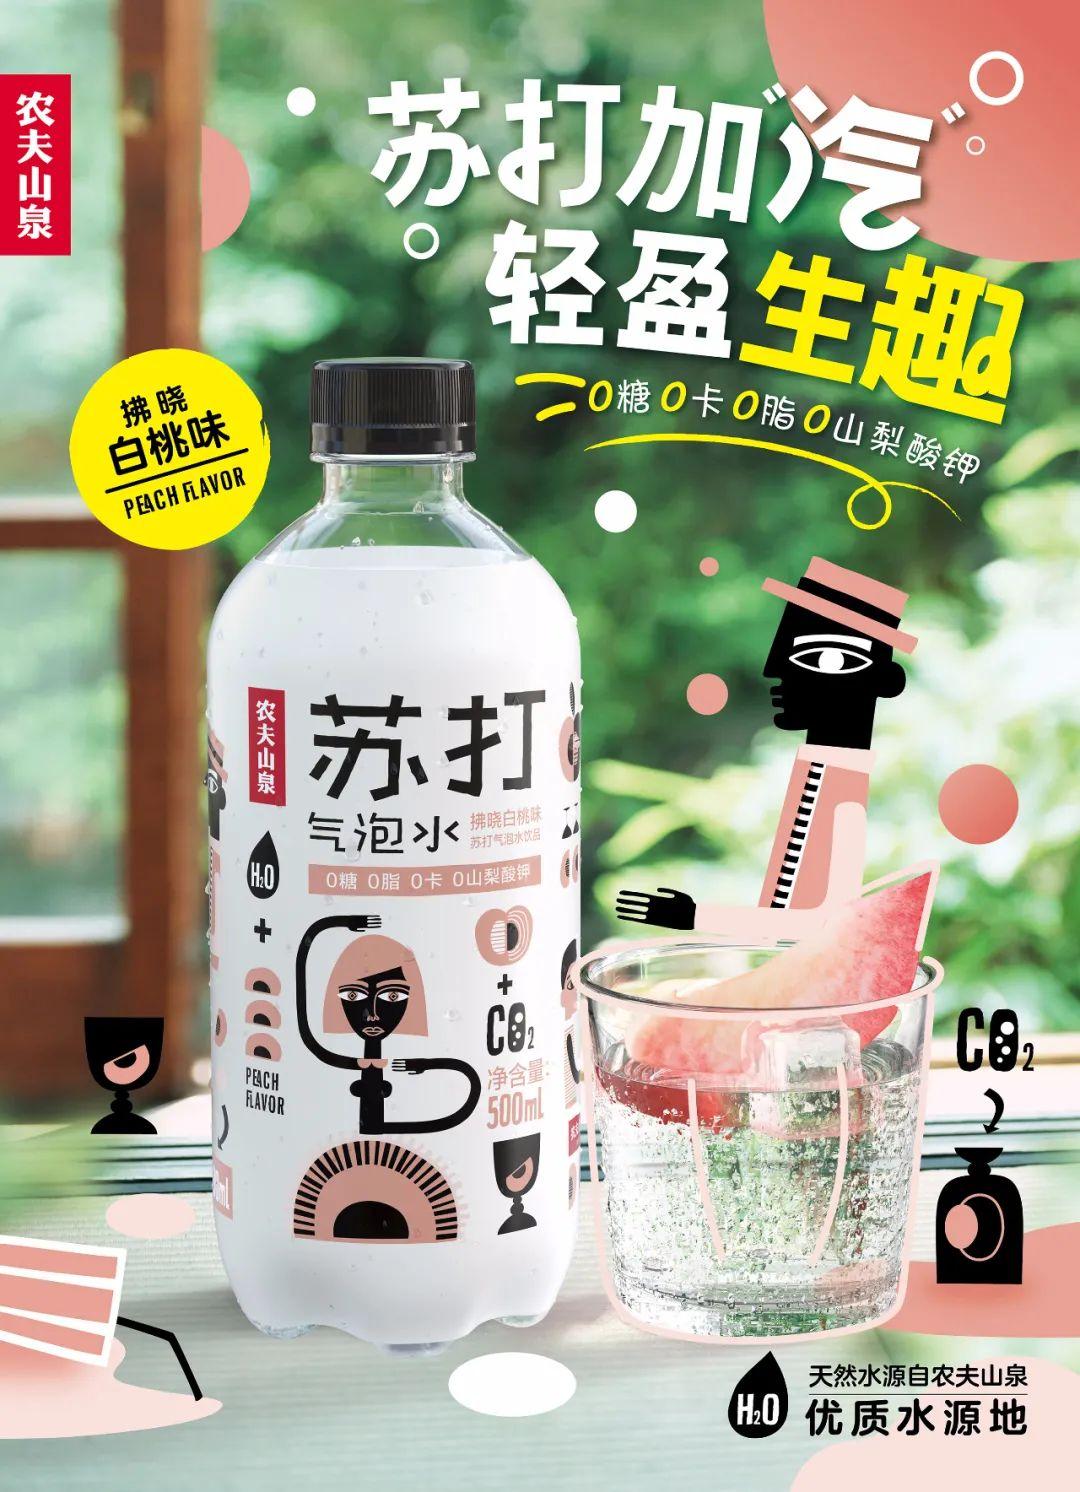 """农夫山泉新品长白雪矿泉水,""""雪山味""""的包装很自然!"""